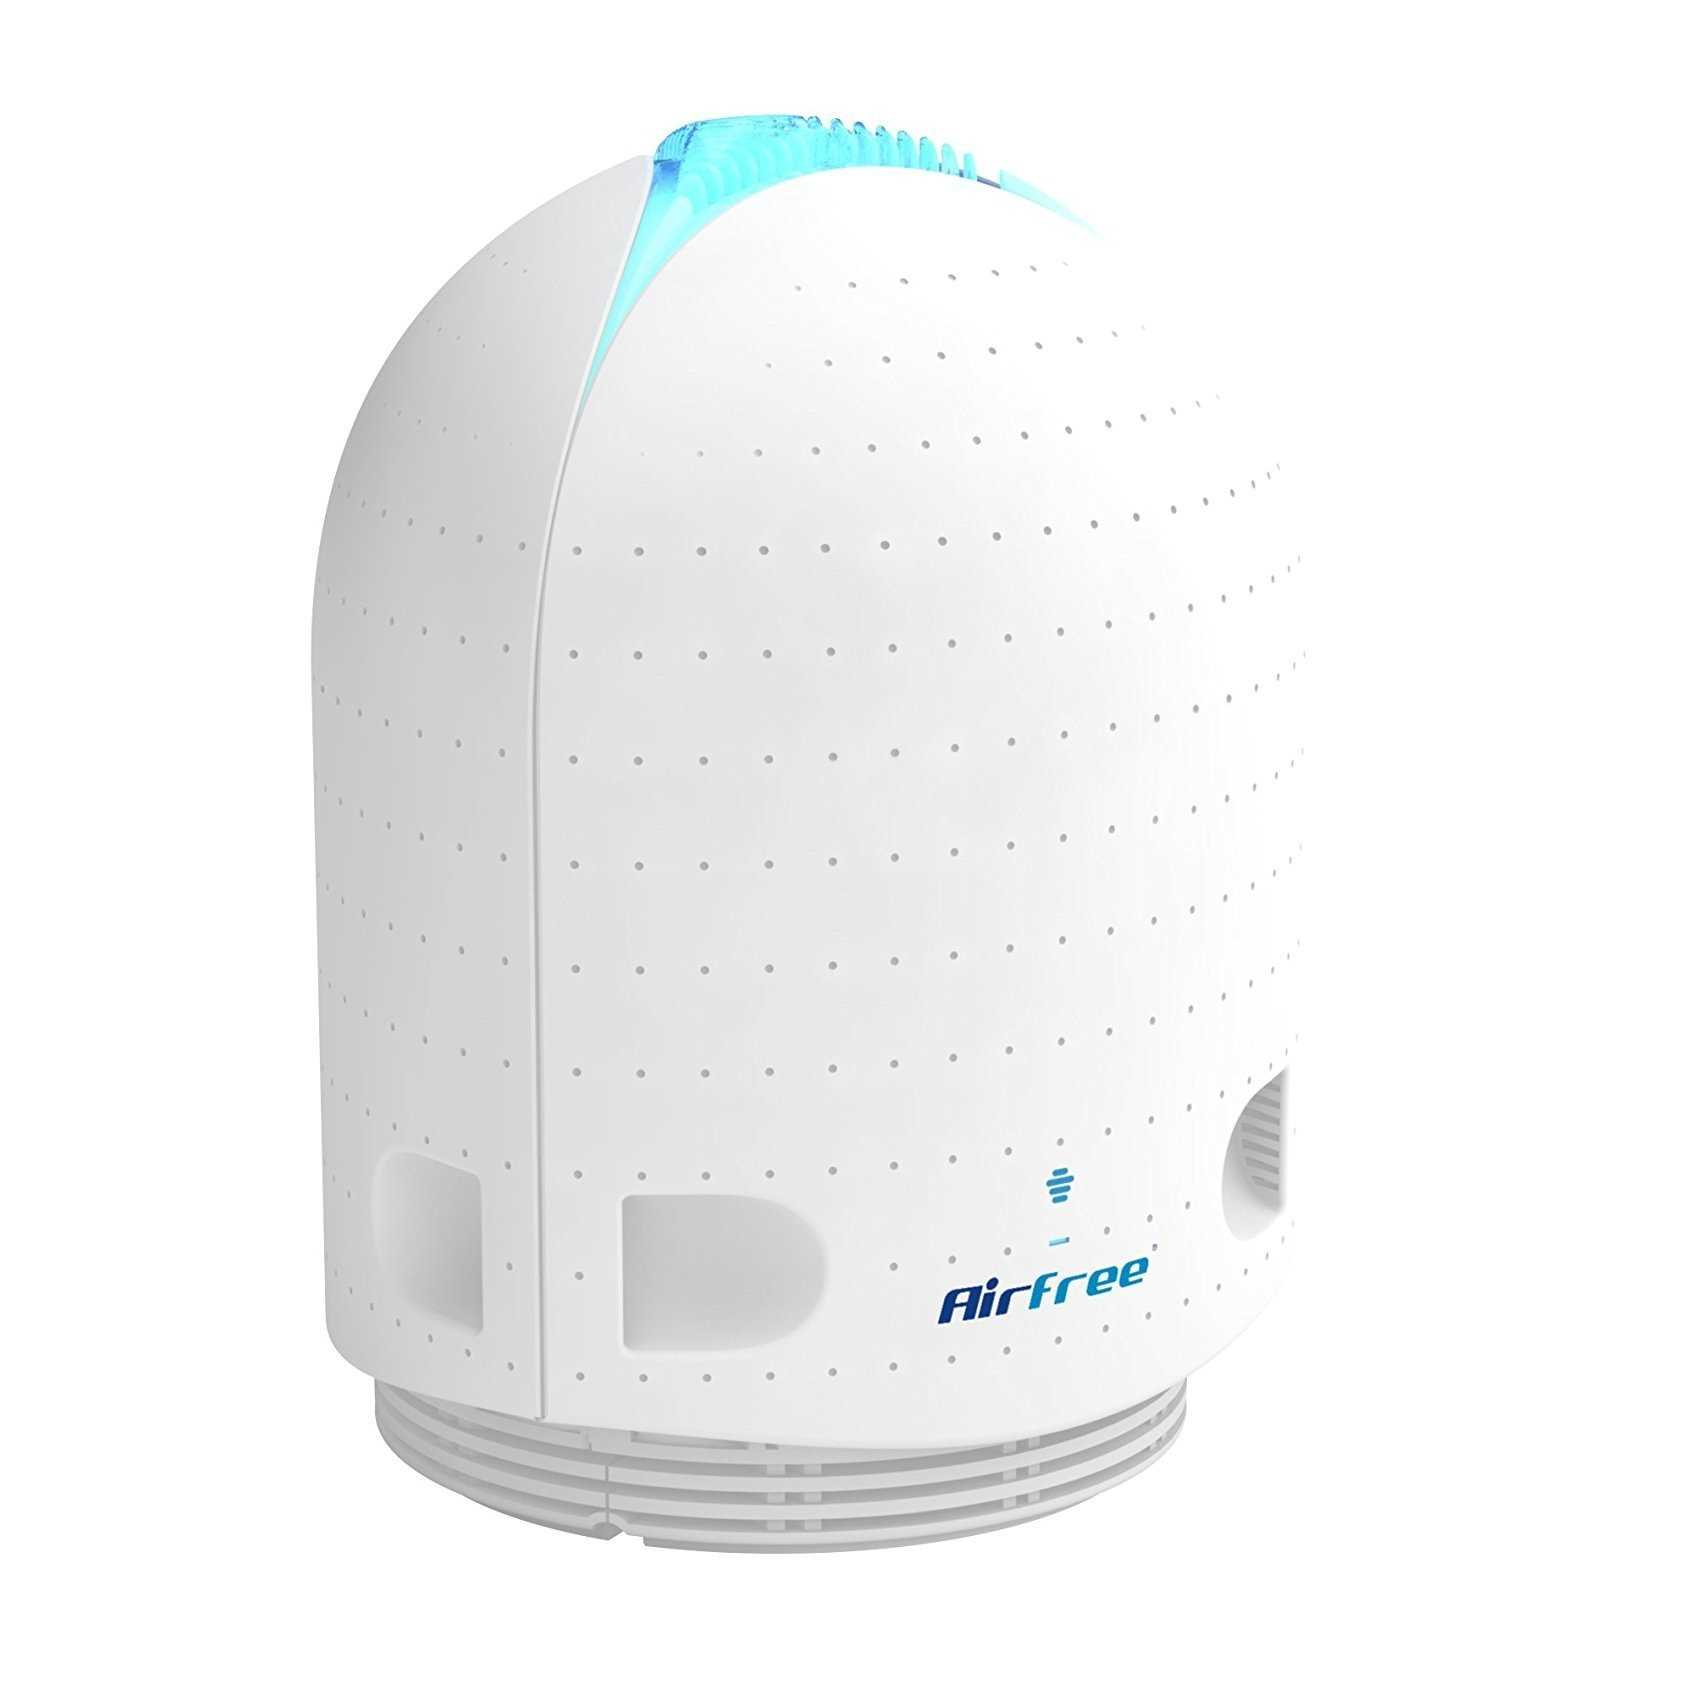 AirFree Iris 150 Portable Room Air Purifier